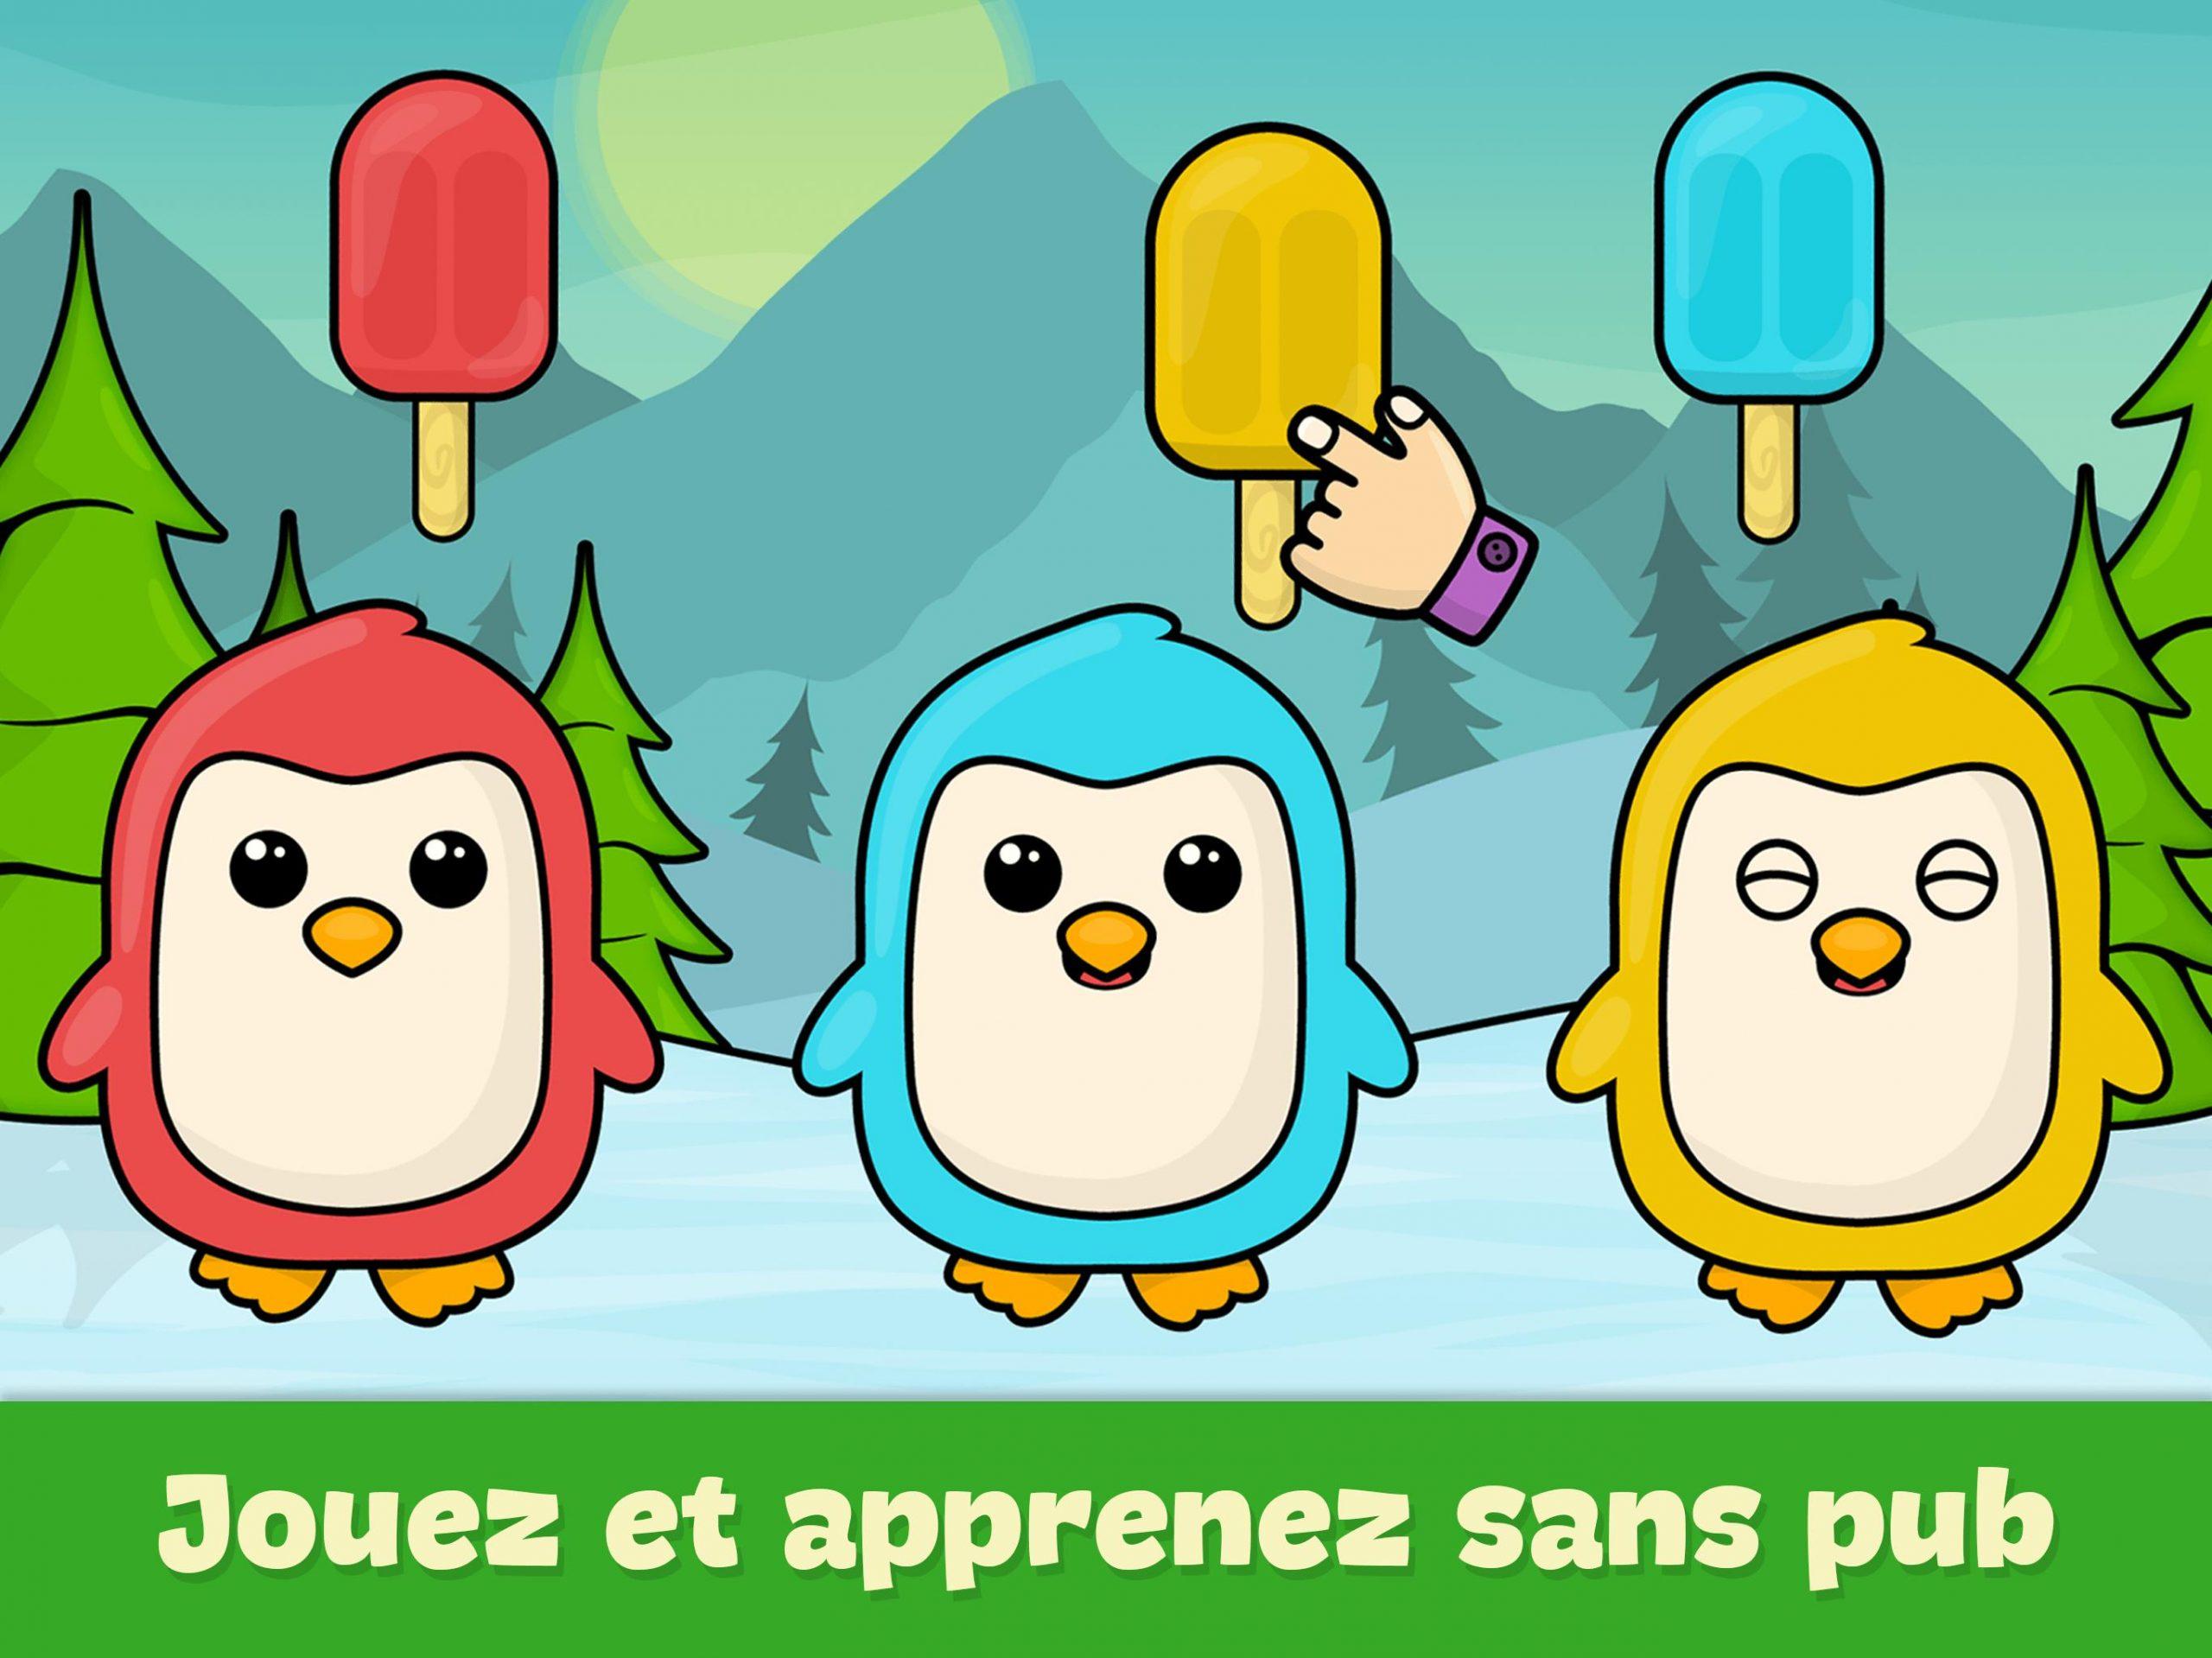 Jeux Pour Enfants 2 - 5 Ans Pour Android - Téléchargez L'apk intérieur Jeux Educatif Gratuit Pour Fille De 5 Ans